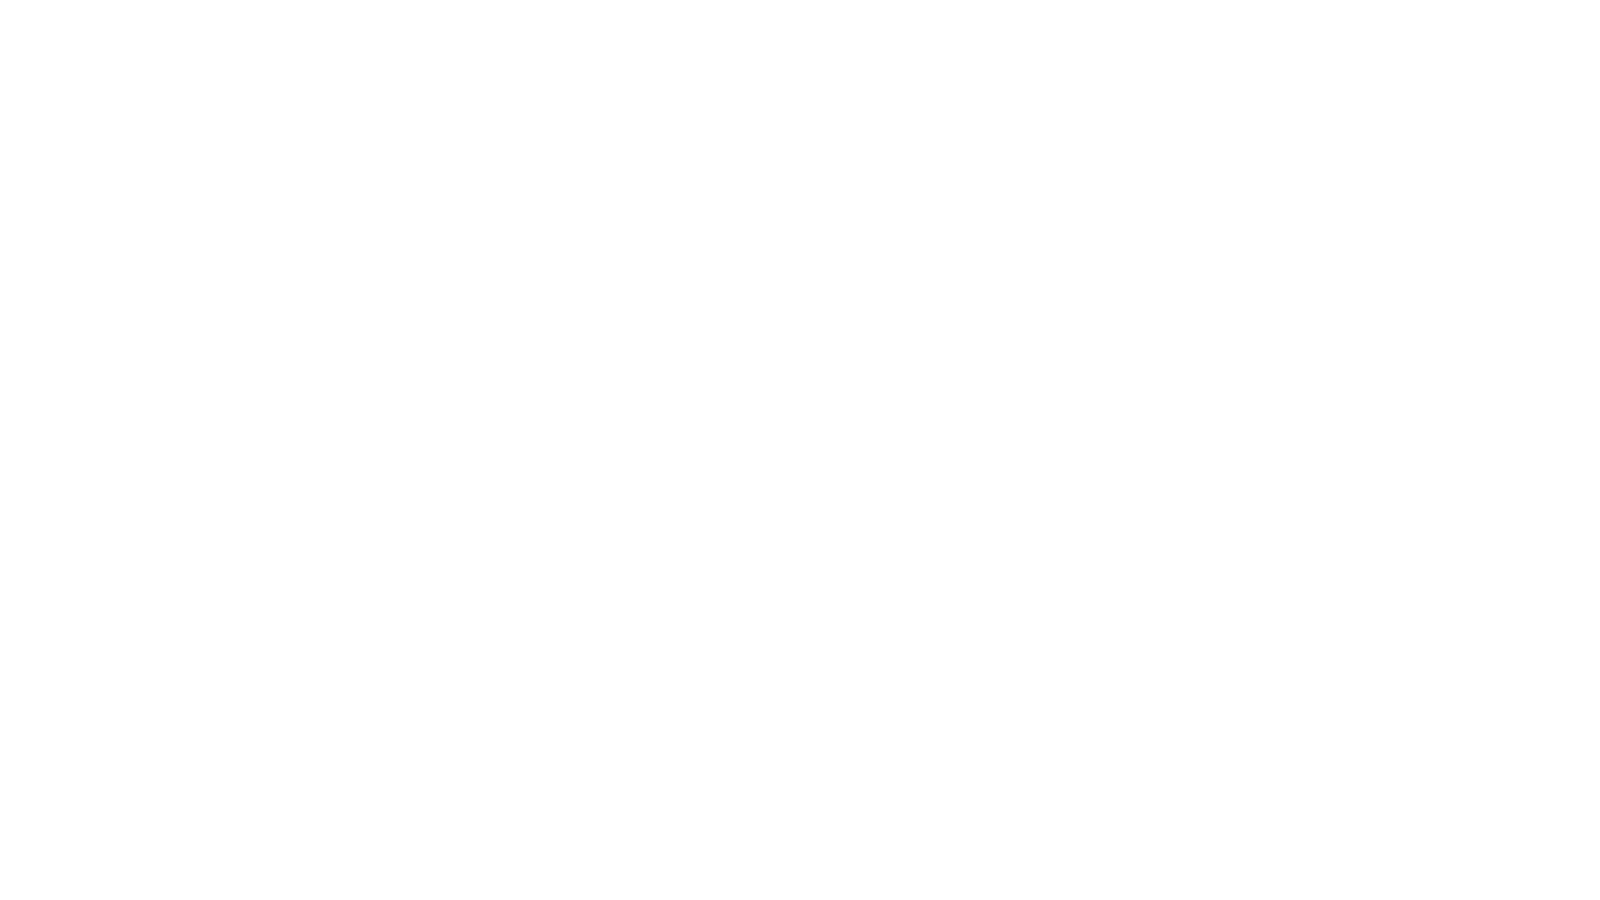 """EduCare#2 Saverio Tomasella - Vivre, grandir et apprendre avec sa sensibilité… C'est possible !   Evelyne Musialowski reçoit dans EduCare, Saverio Tomasella, Docteur en psychologie, psychanalyste, il anime un Observatoire sur la sensibilité, et est Fondateur du Centre d'Études et de Recherches en Psychanalyse.     POUR ALLER PLUS LOIN   Quelques ouvrages de Saverio Tomasella :   Comme un enfant, Editions Leduc, 2019. J'aide mon enfant hypersensible à s'épanouir, Editions Leduc, 2018. Hypersensibles, trop sensibles pour être heureux ? Editions Eyrolles, 2012. Lettre ouverte aux âmes sensibles qui veulent le rester, Larousse, 2021.   Les bonheurs de l'art, Editions Eyrolles, septembre 2021.   Podcasts : """"Parents au bout du fil"""", épisode 3 sur les enfants ultrasensibles : https://podtail.com/podcast/parents-au-bout-du-fil/episode-3-l-hypersensibilite-florence-au-bout-du-f/ """"Galère sa mère, C'est qui l'hypersensible ici ? """" : https://open.spotify.com/episode/5fBNKEF5QREQ6qOogBCFpl   Et vous pourrez découvrir prochainement un test sur le site de Psychologies Magazine.  --------------------- montage : Stéphanie Chauveau"""